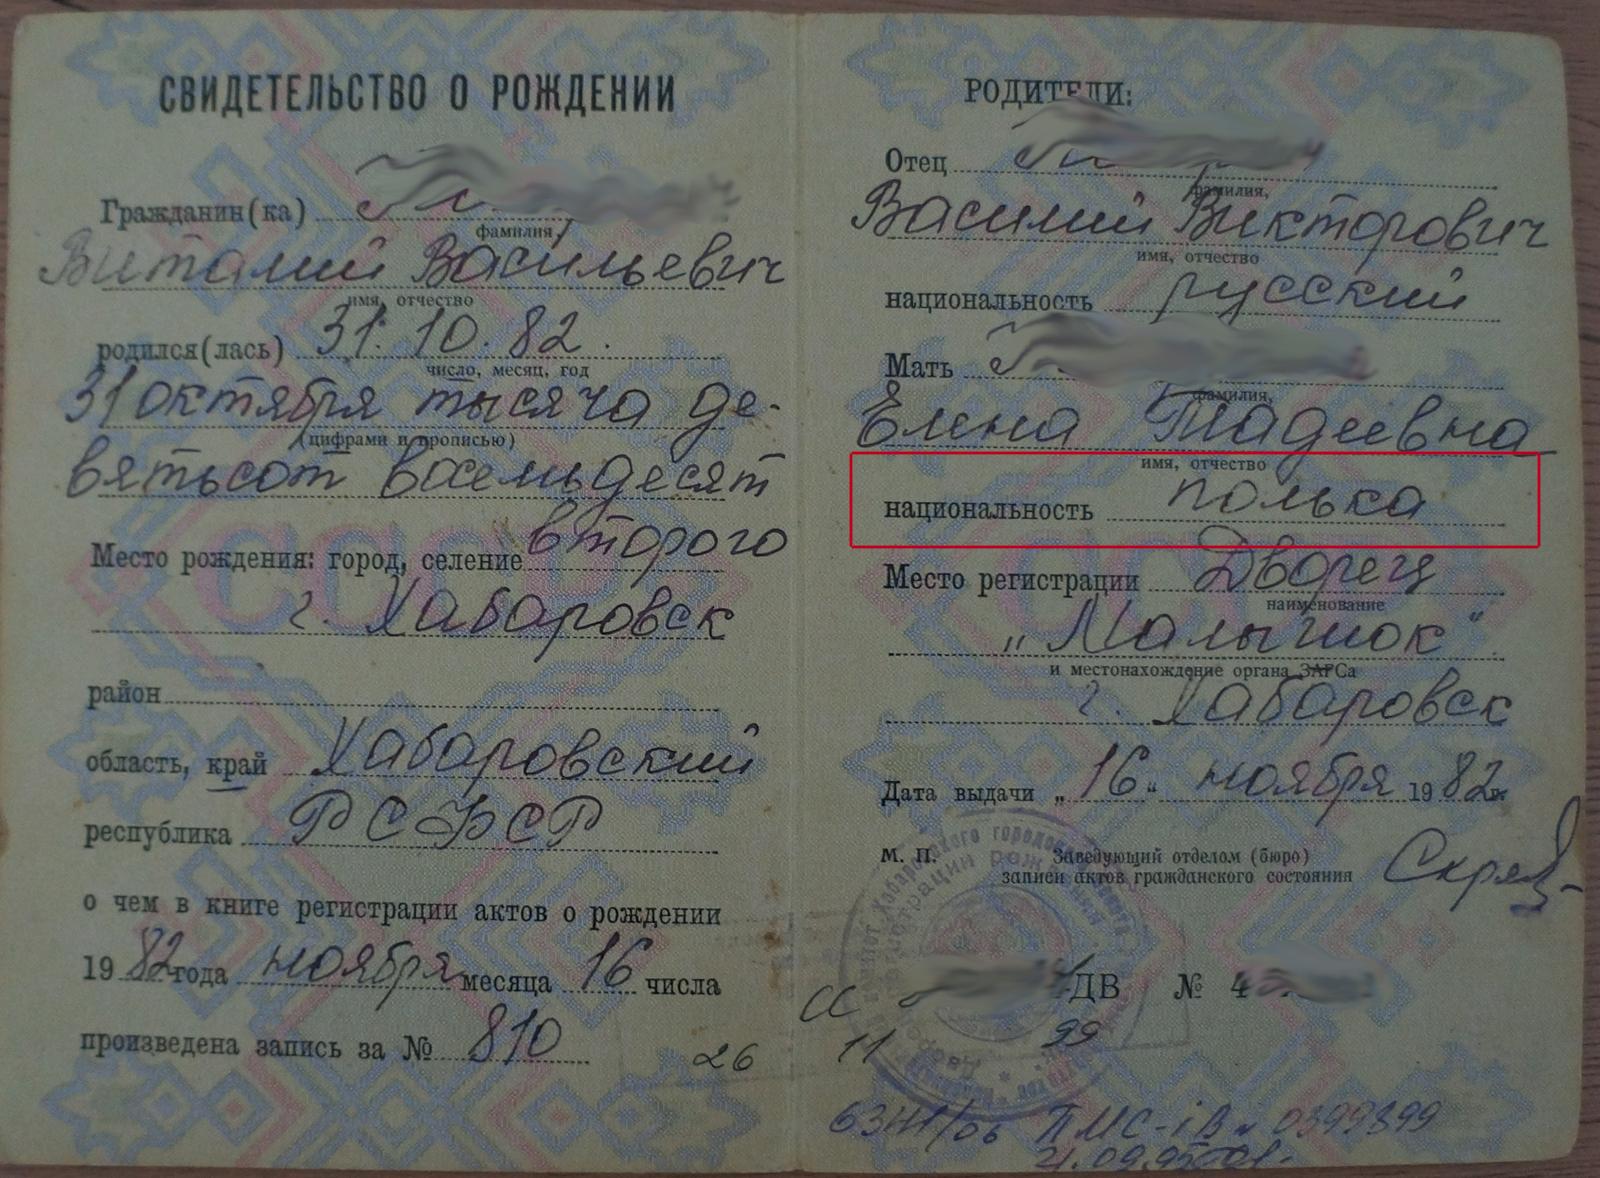 подтверждение польского происхождения в свидетельстве о рождении